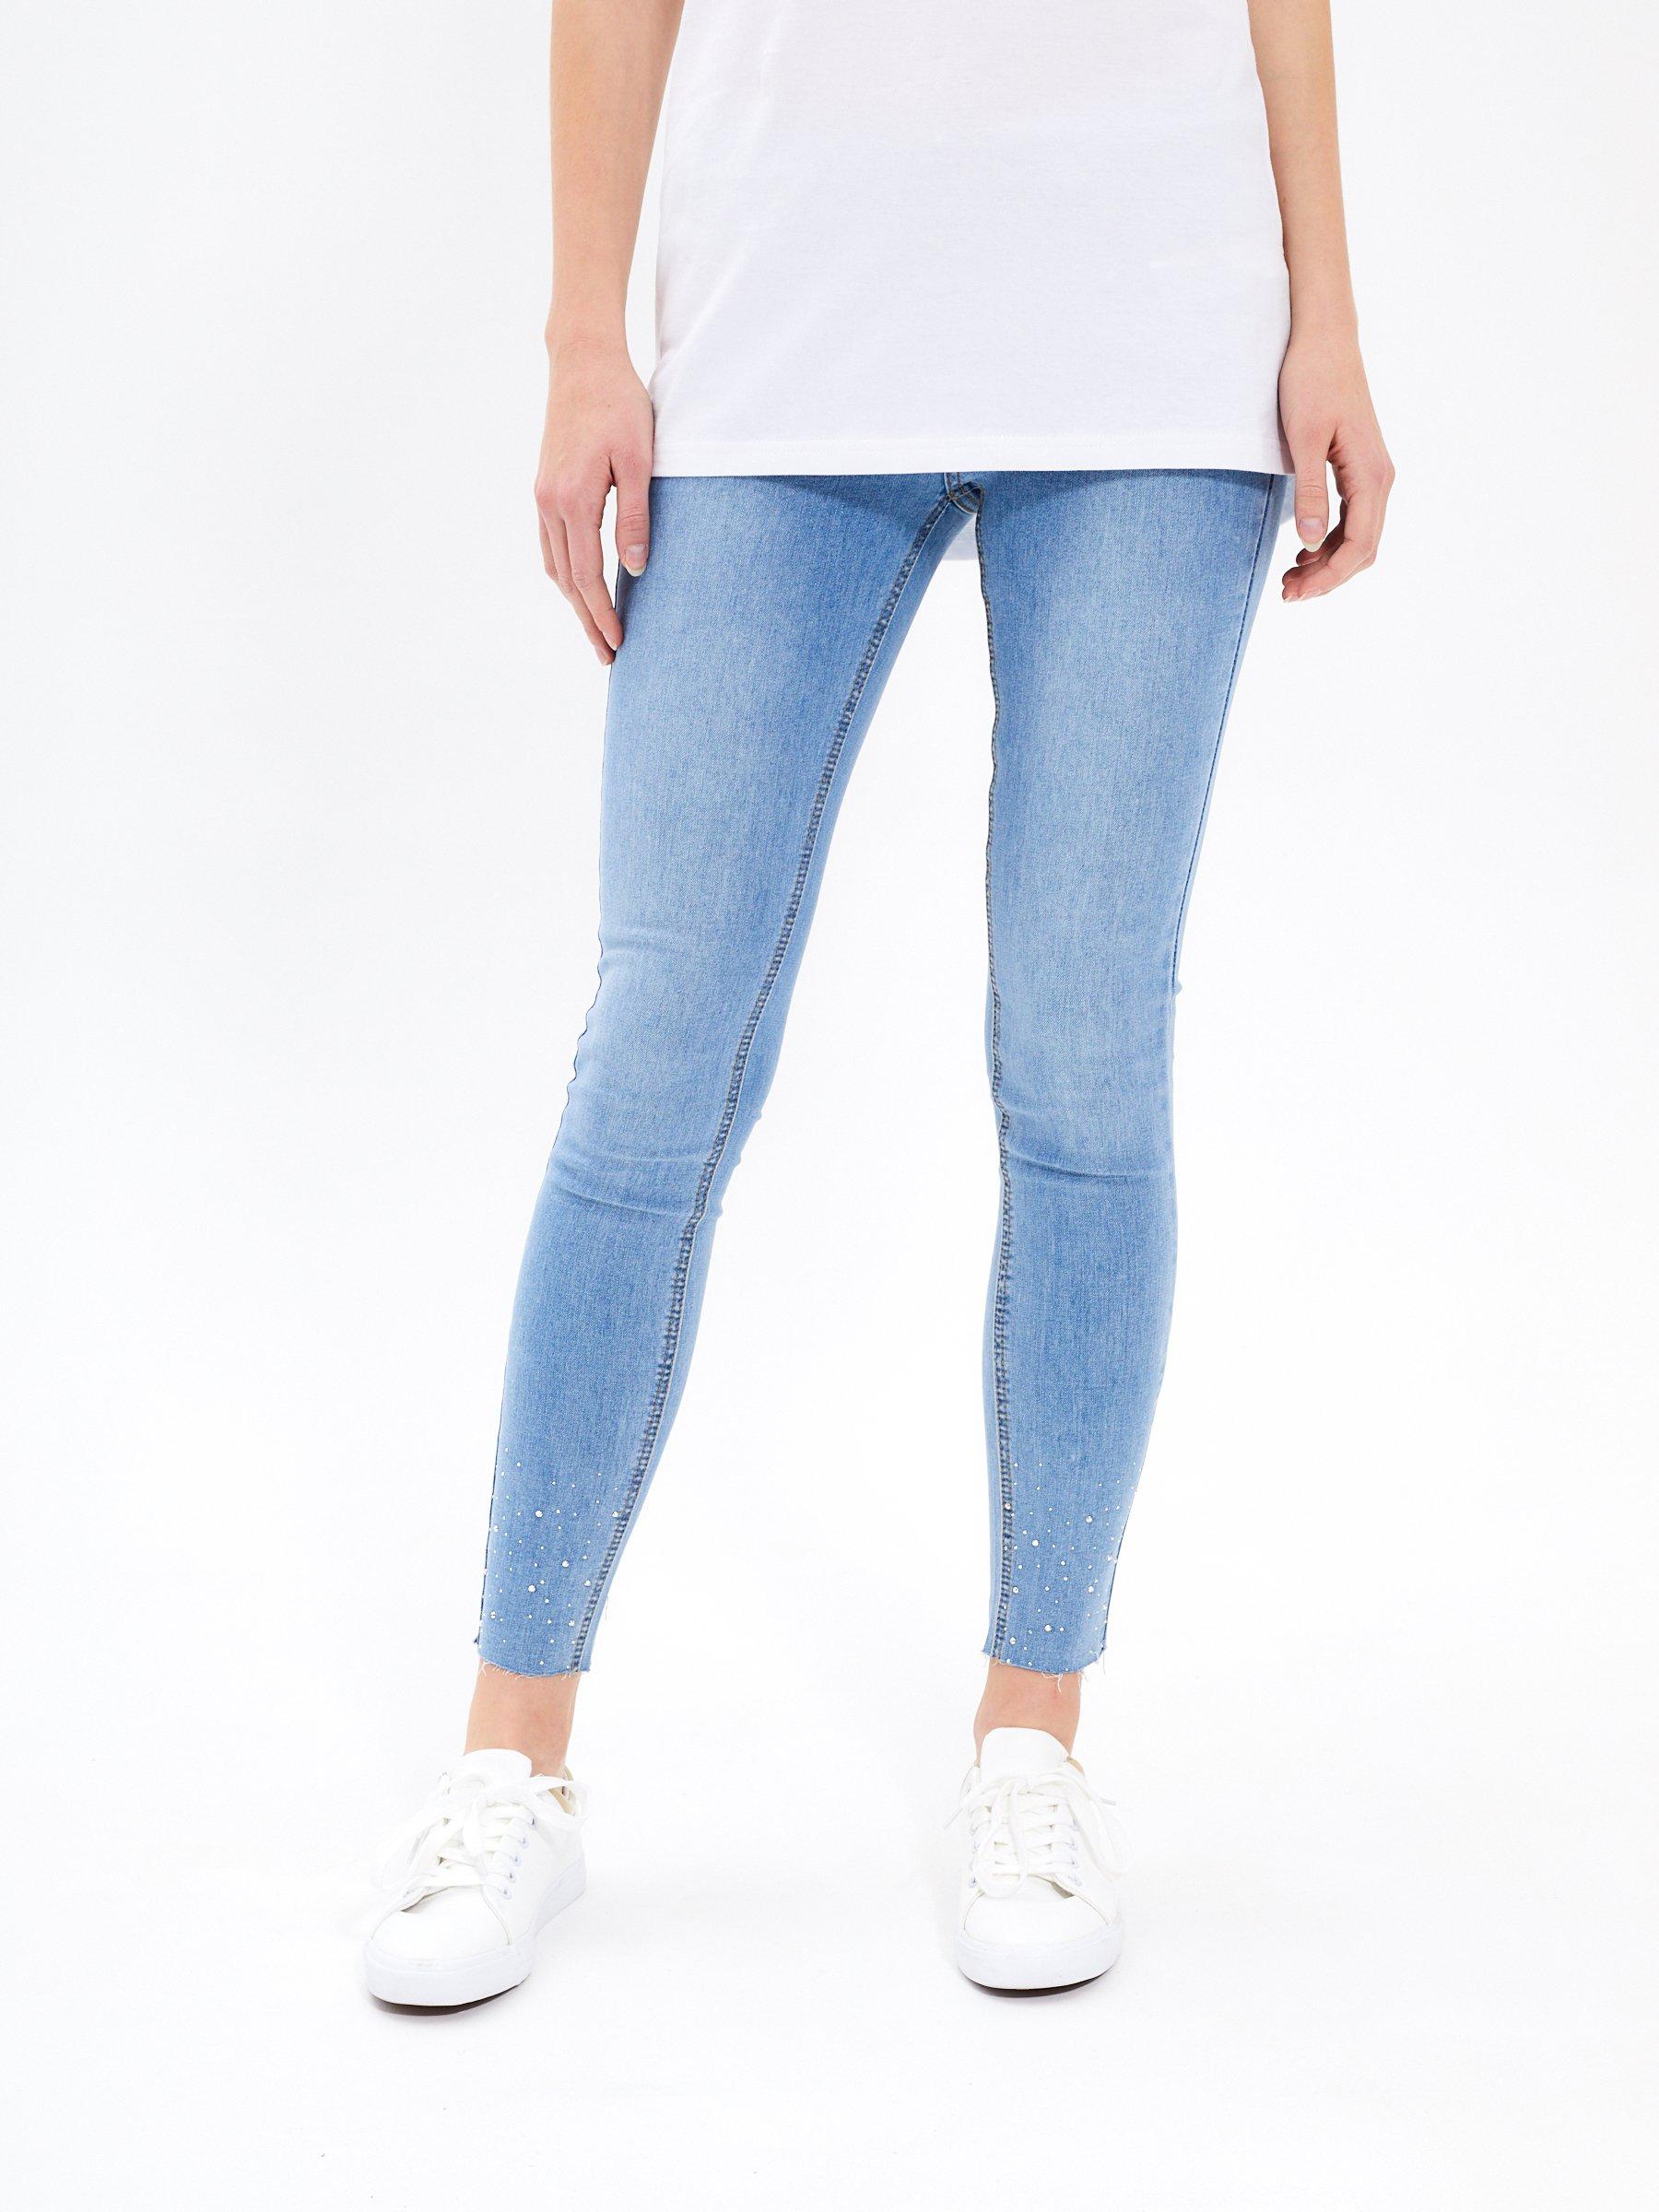 e5ffe3ca7b0 Skinny jeans in light blue wash | GATE